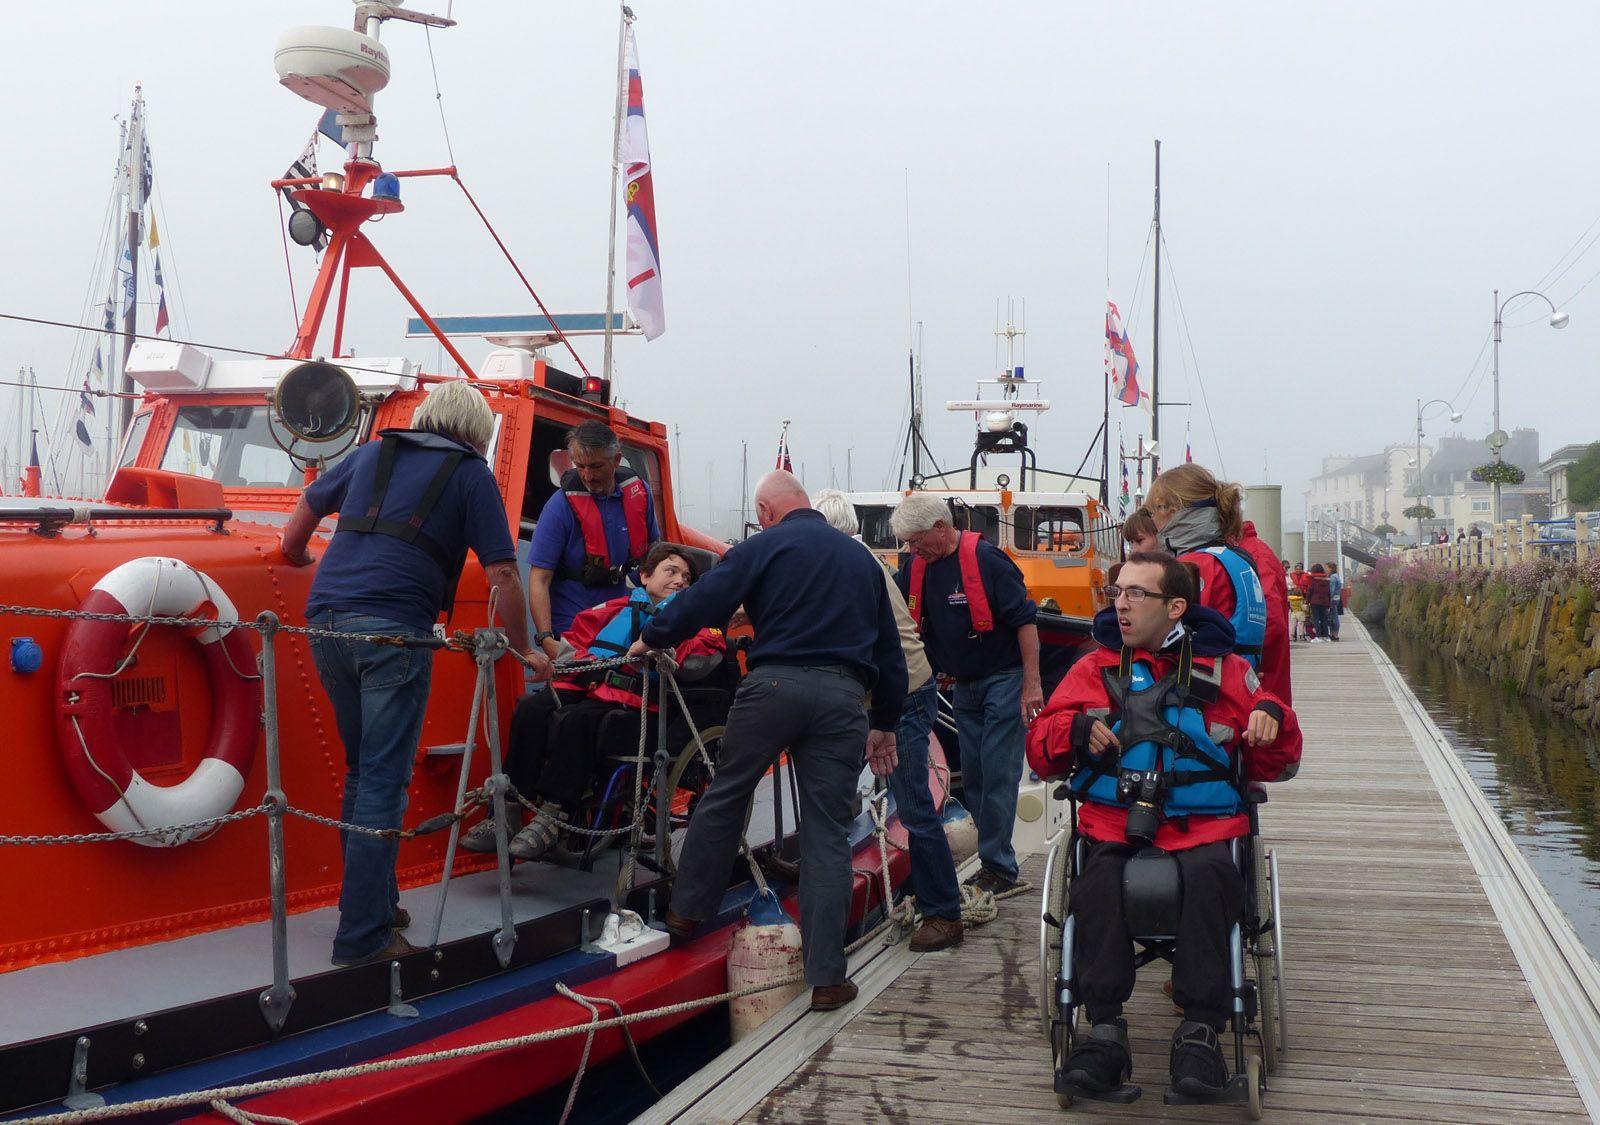 Les journées handiports : la mer accessible au-delà de tous les handicaps